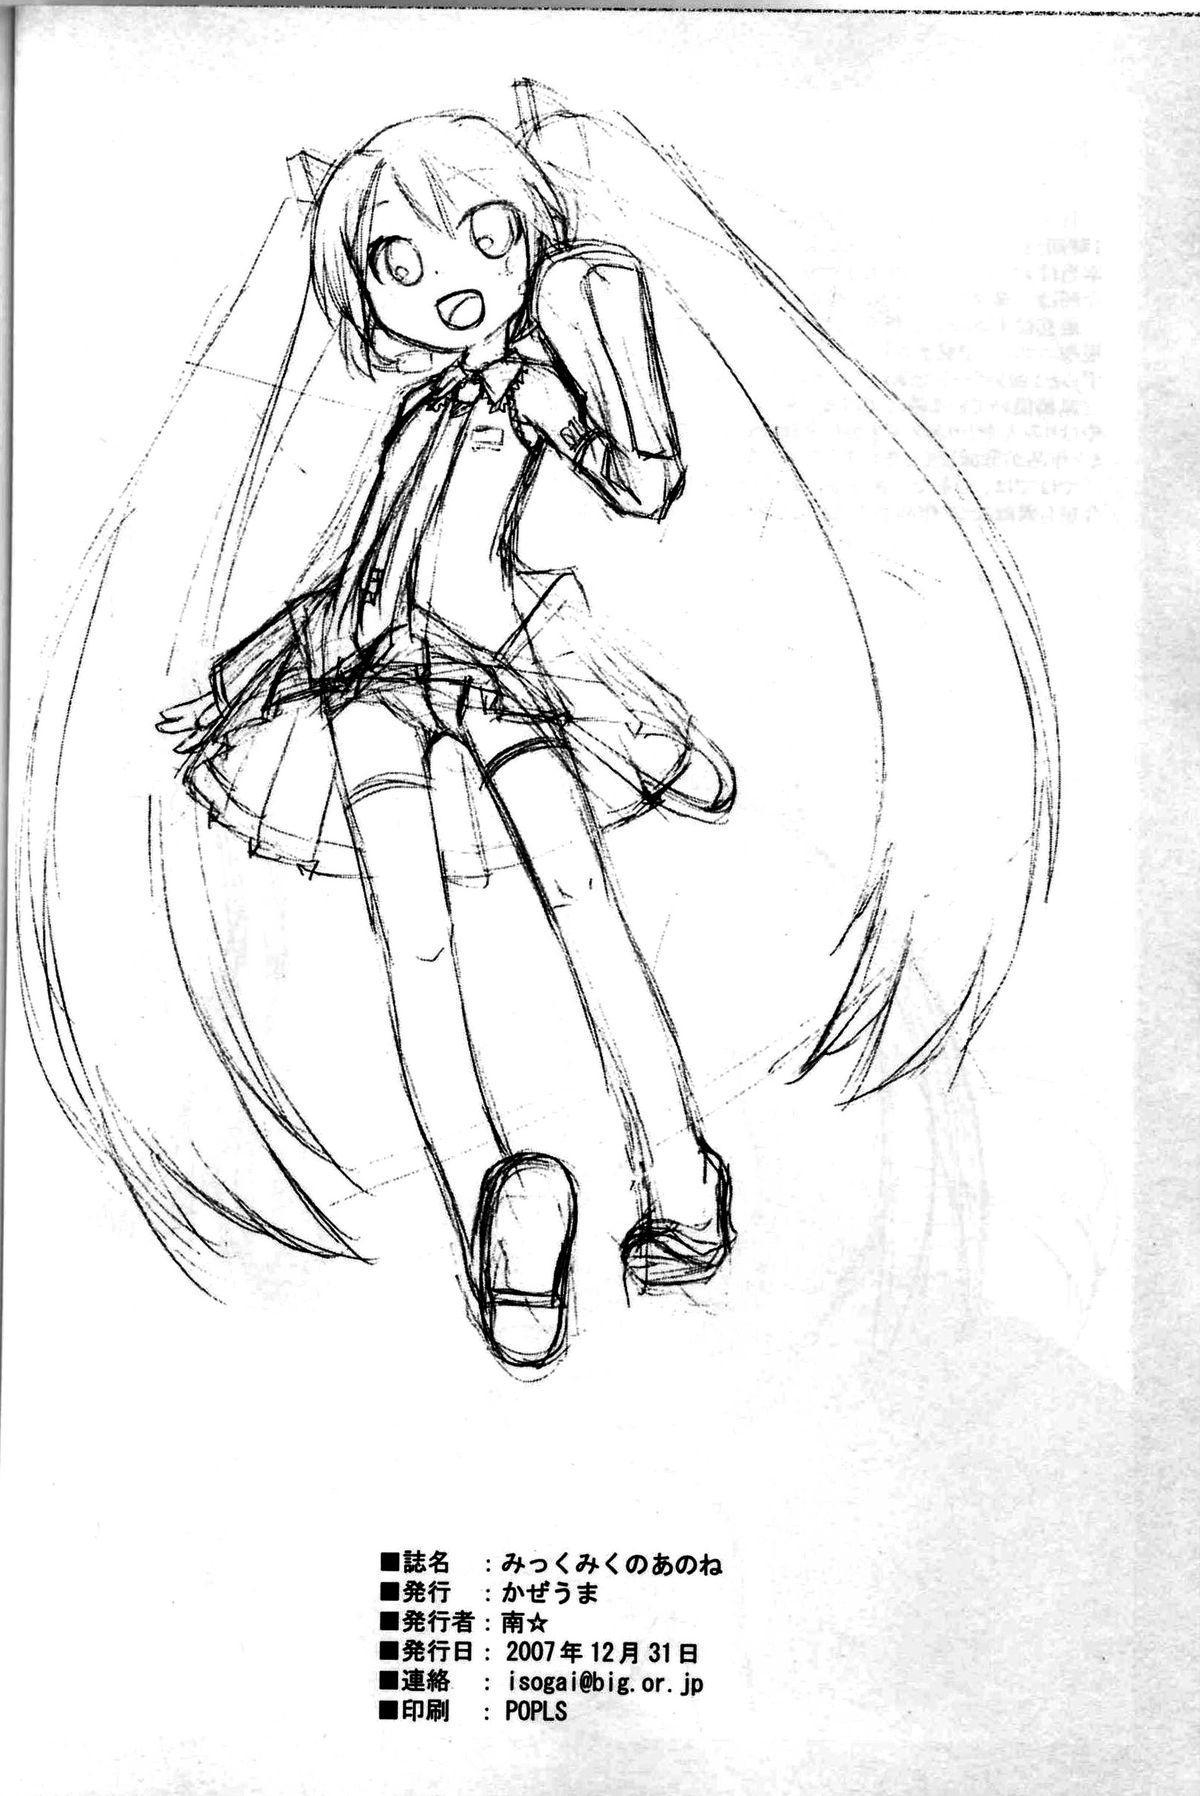 Mikkumiku no Anone 16